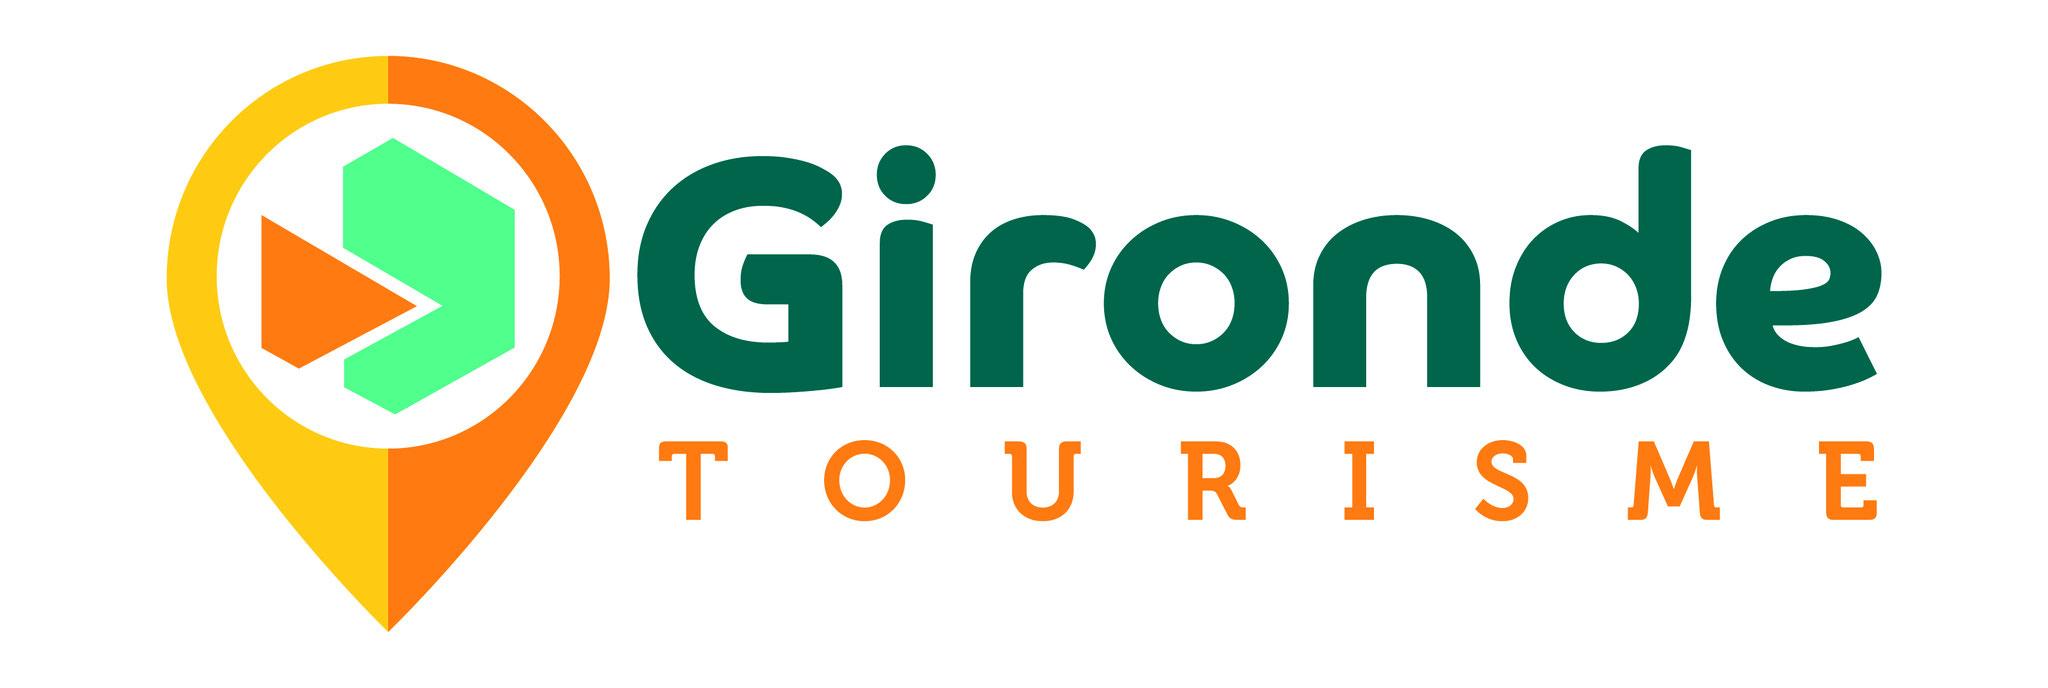 Gironde Tourisme - Crédit : Gironde Tourisme